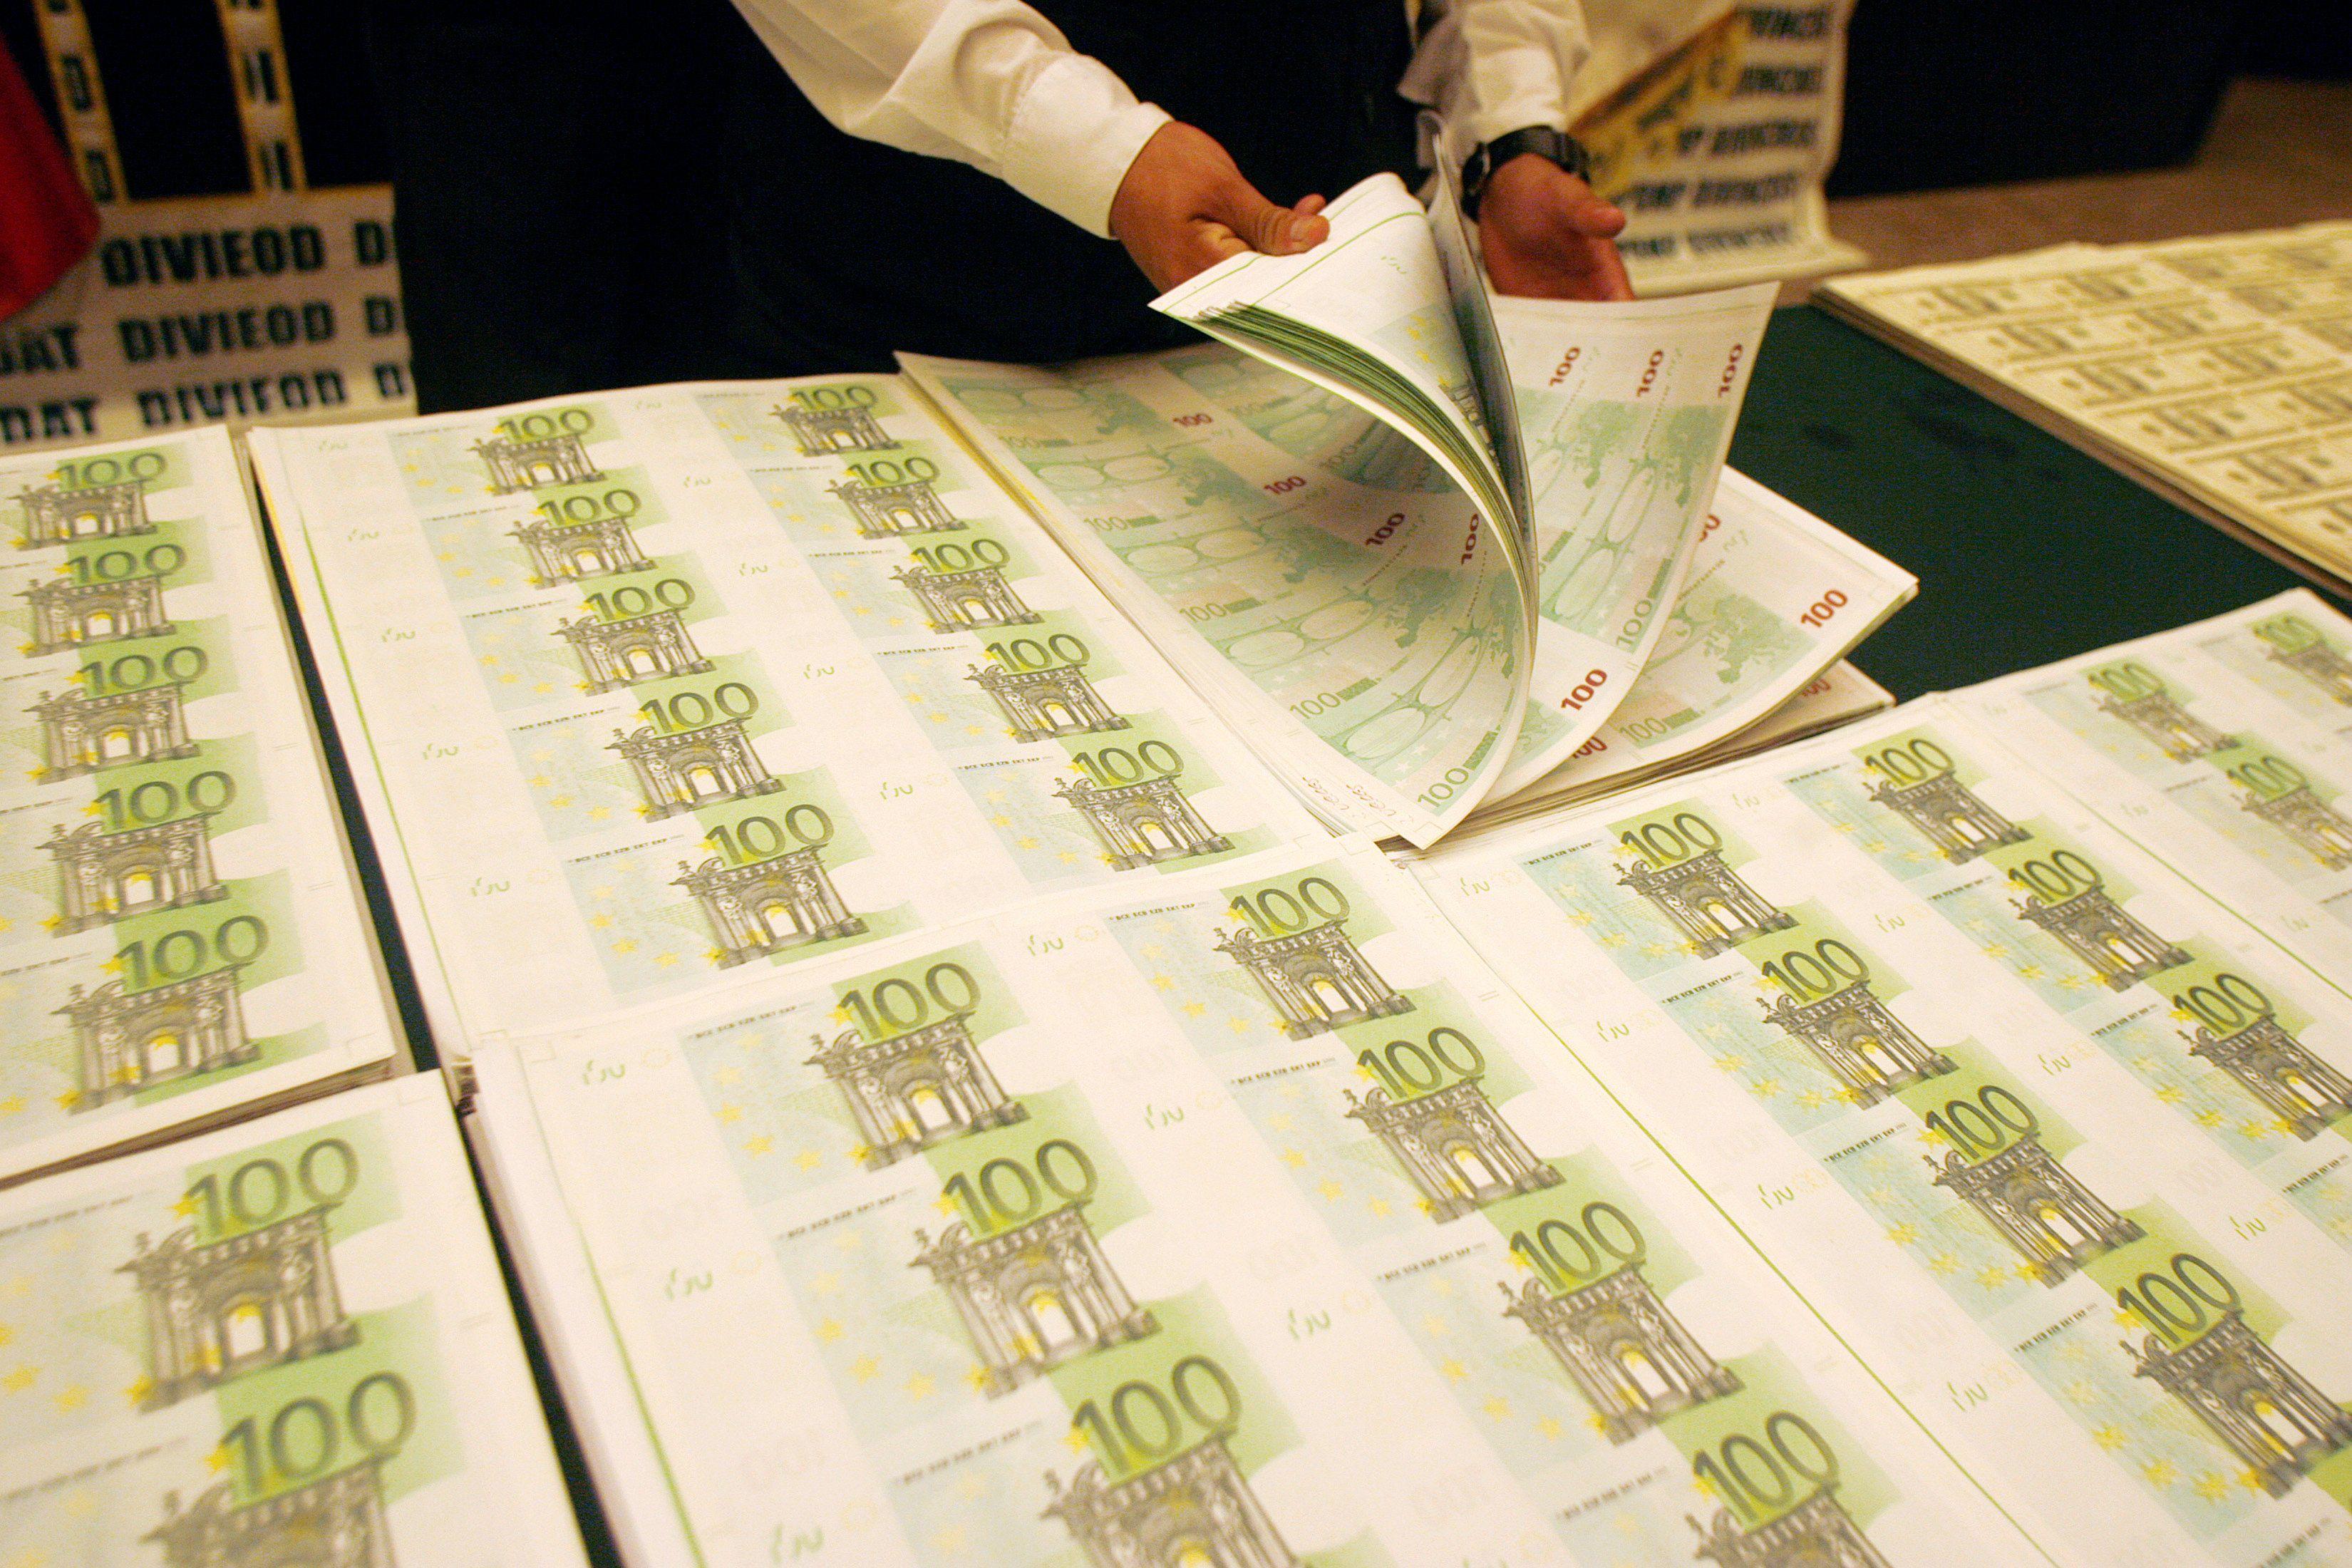 Croissance : Bercy maintient ses prévisions, l'OCDE abaisse les siennes